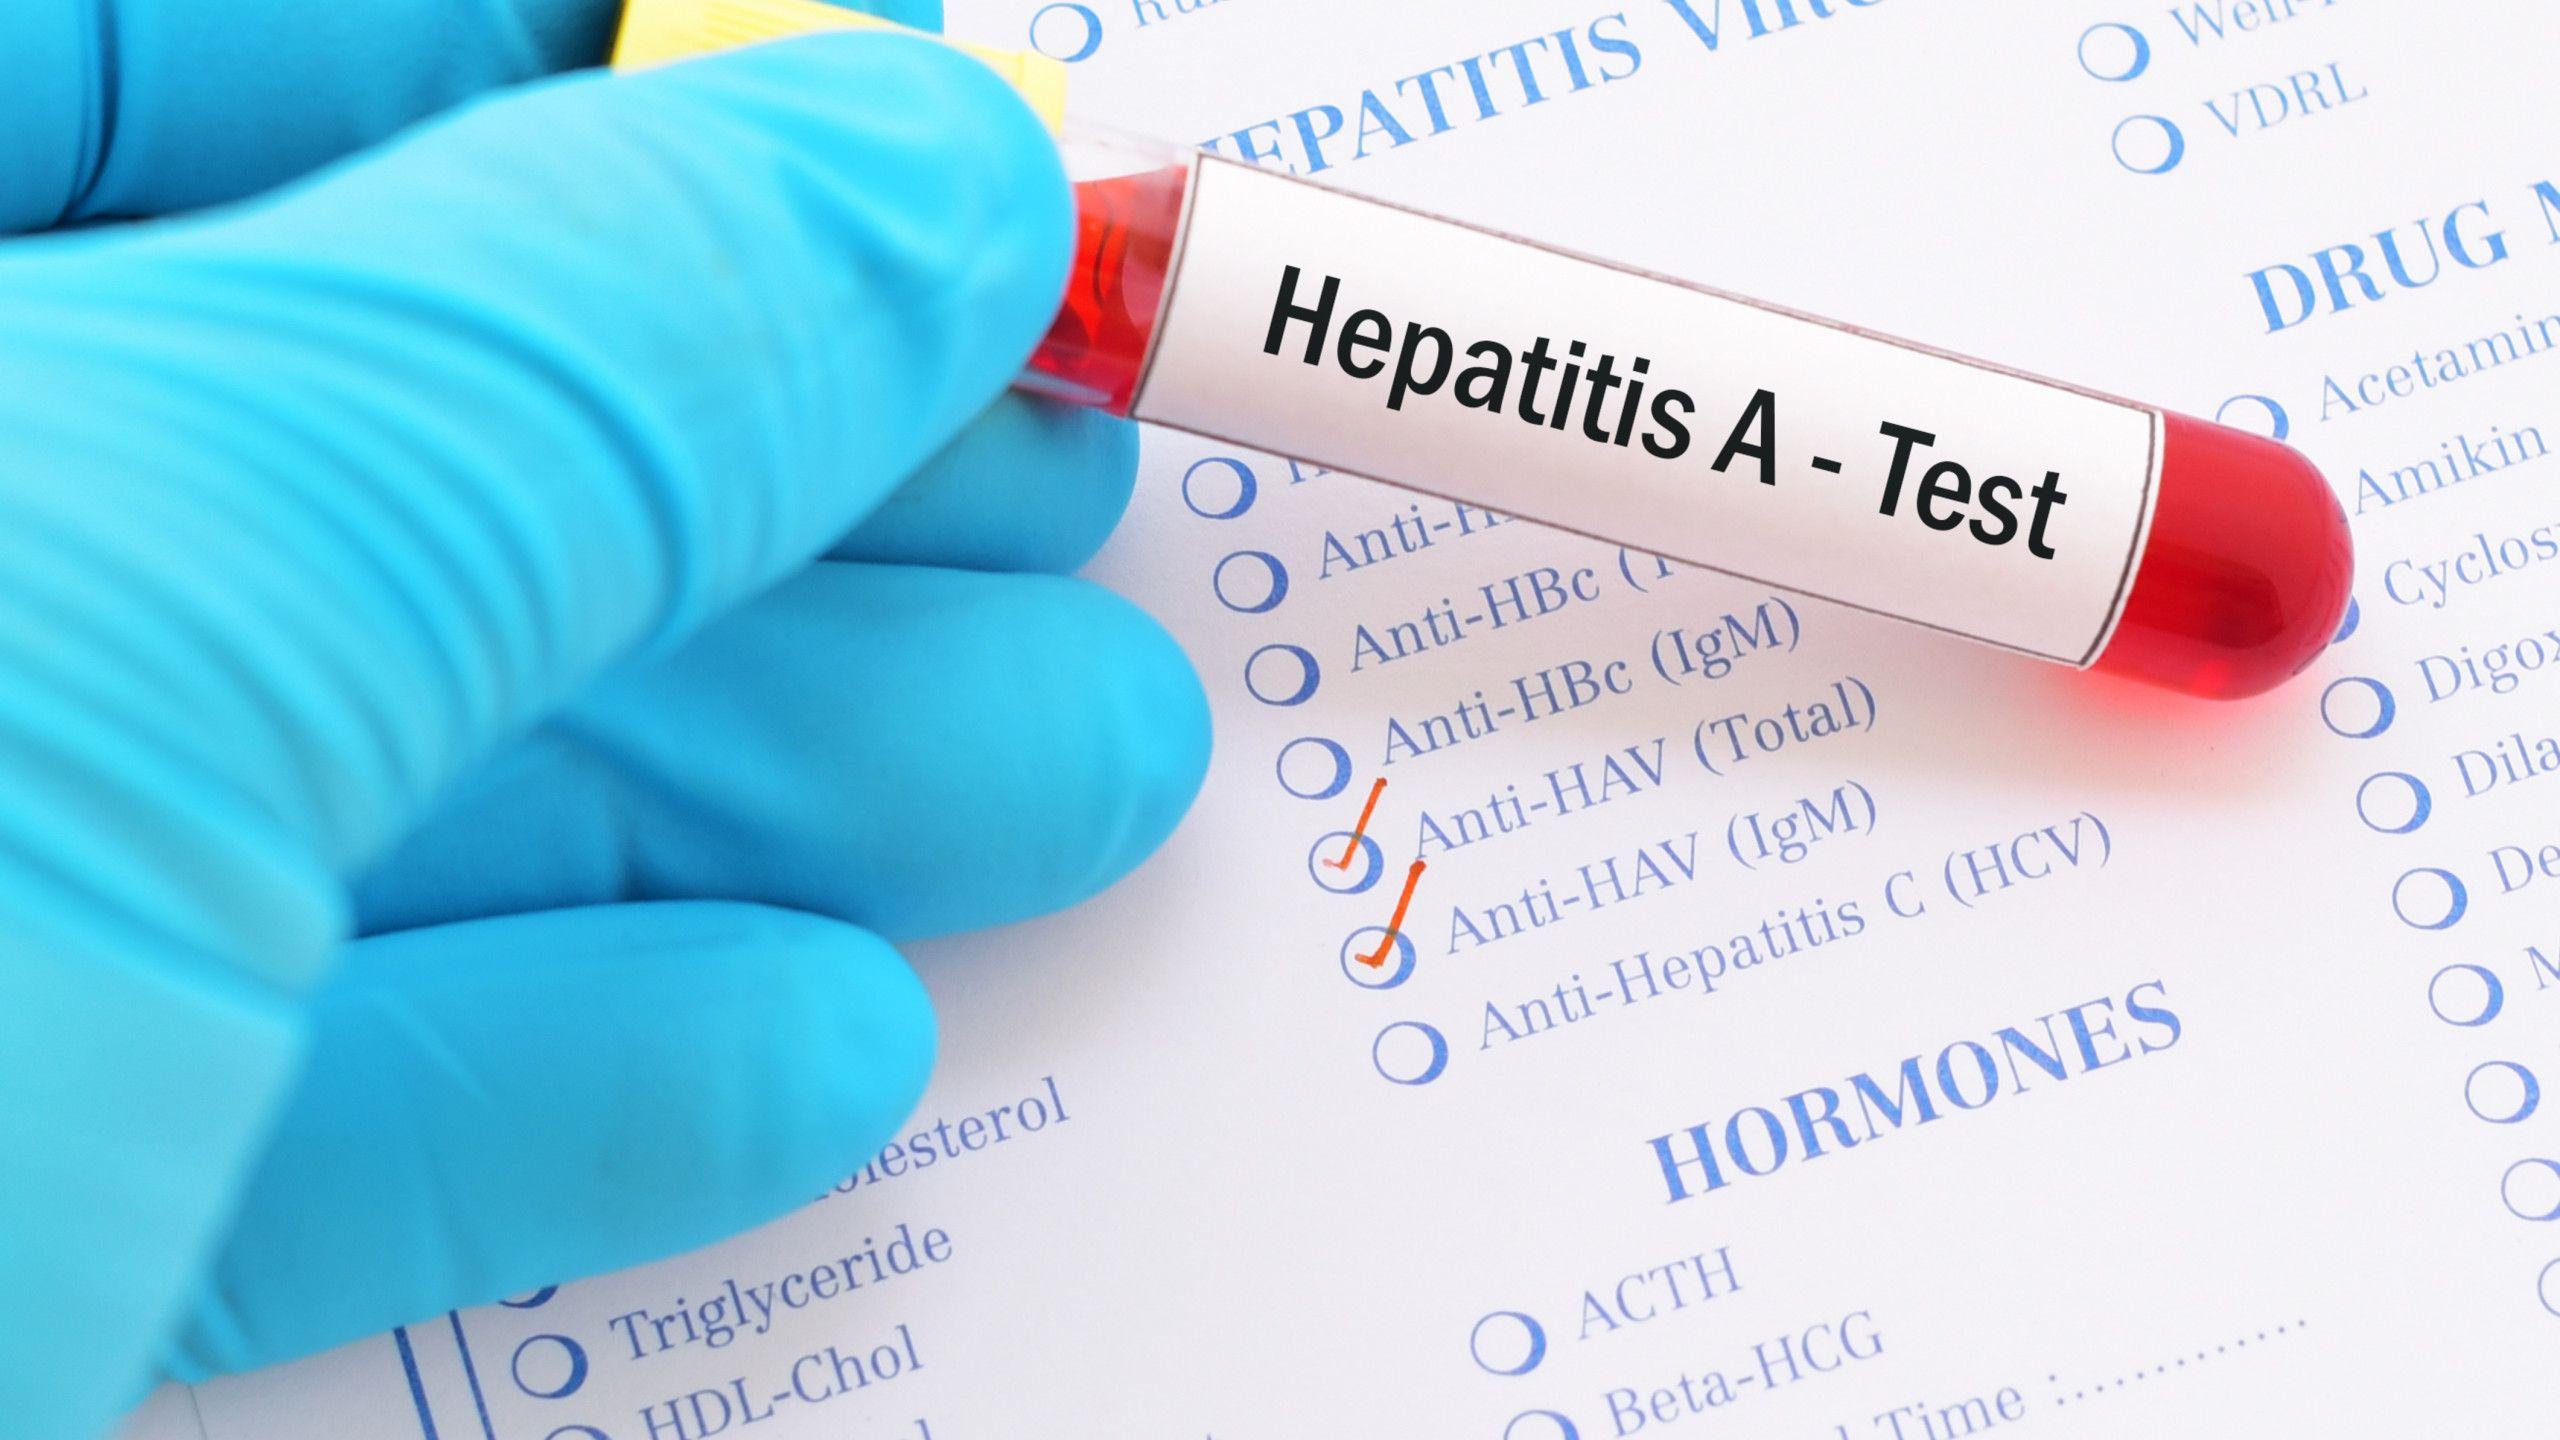 Wabah Hepatitis A di Pacitan Berstatus Kejadian Luar Biasa, ini Saran Kemenkes